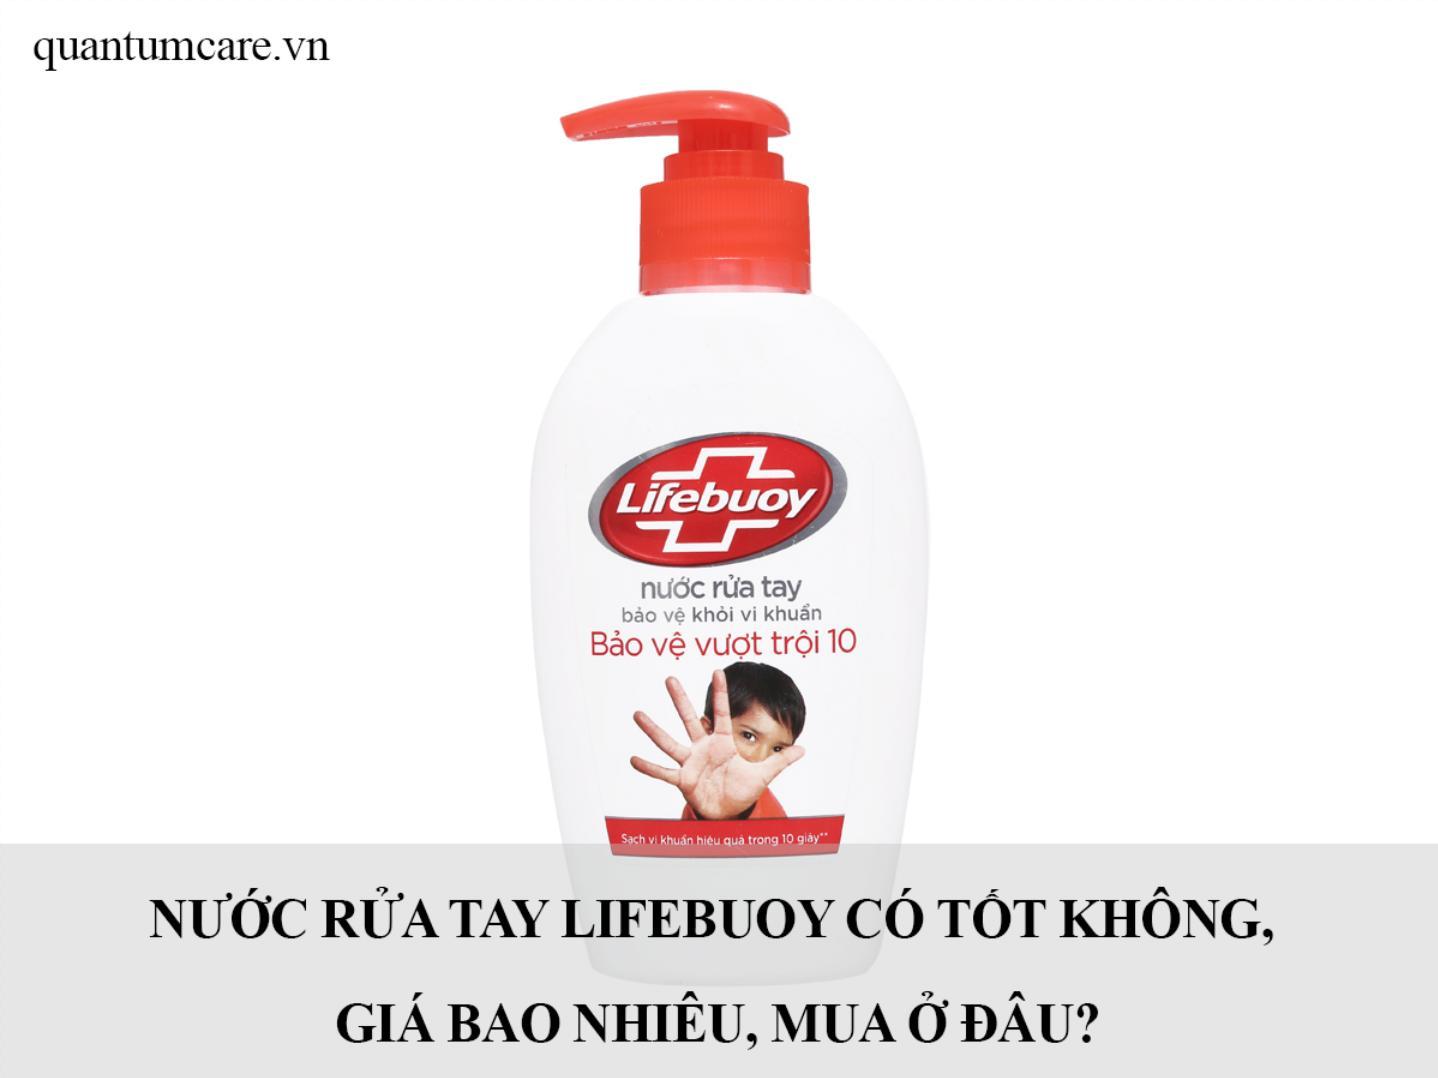 Nước rửa tay Lifebuoy có tốt không, giá bao nhiêu, mua ở đâu?